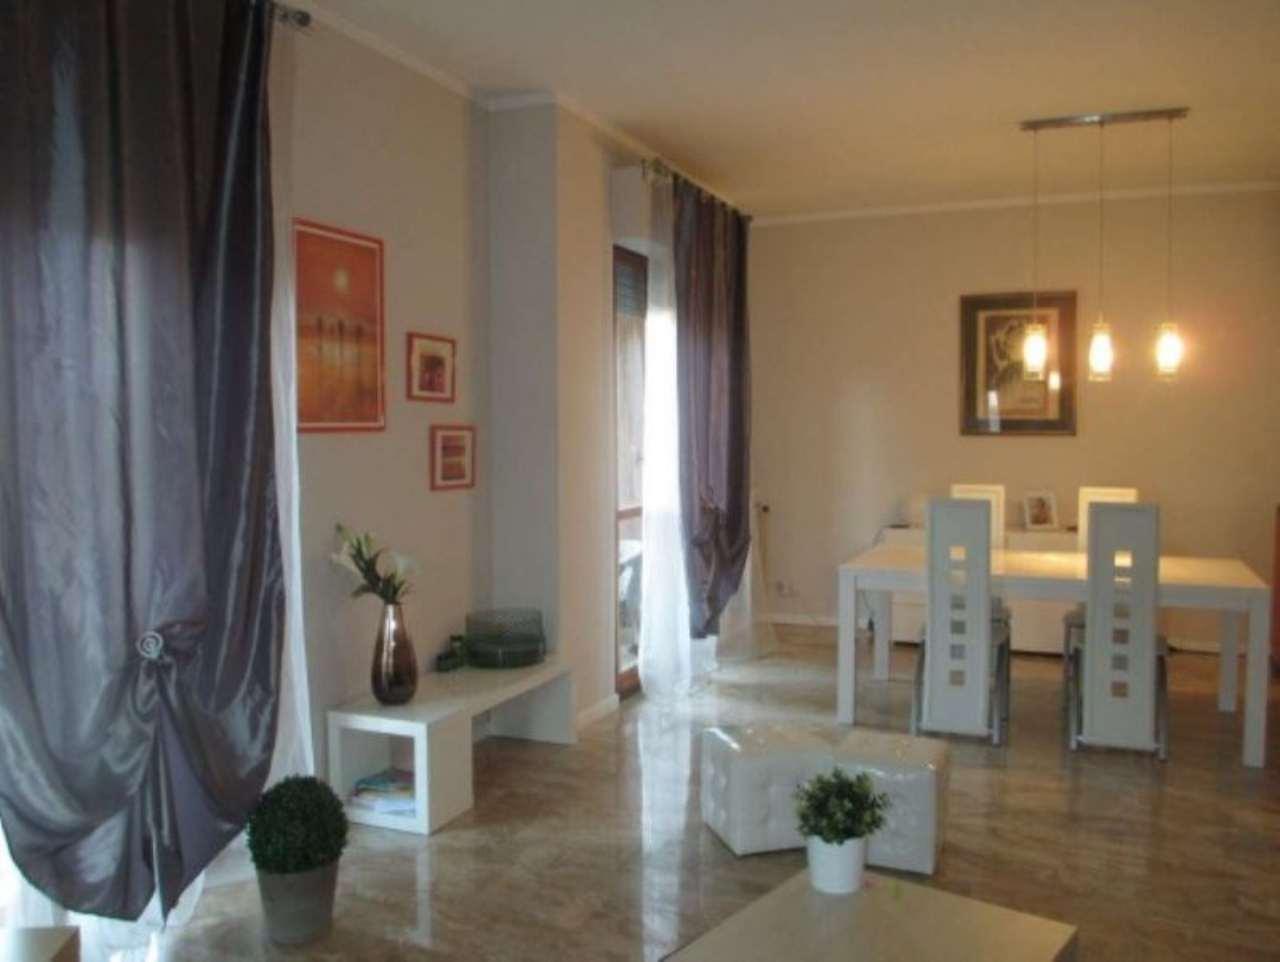 Appartamento in vendita a Soresina, 3 locali, prezzo € 134.000 | Cambio Casa.it